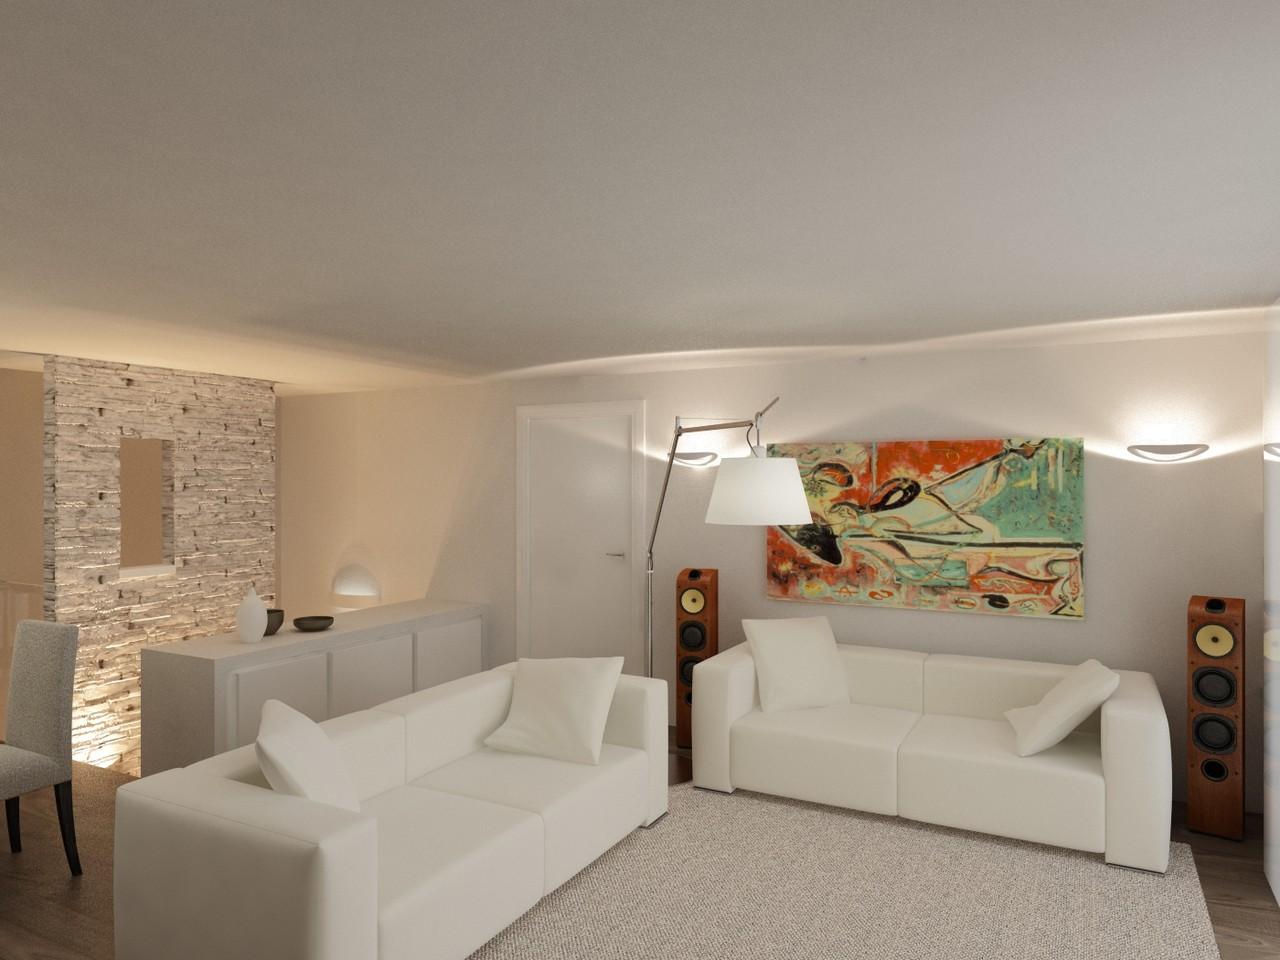 Illuminazione soffitto inclinato la migliore scelta di casa